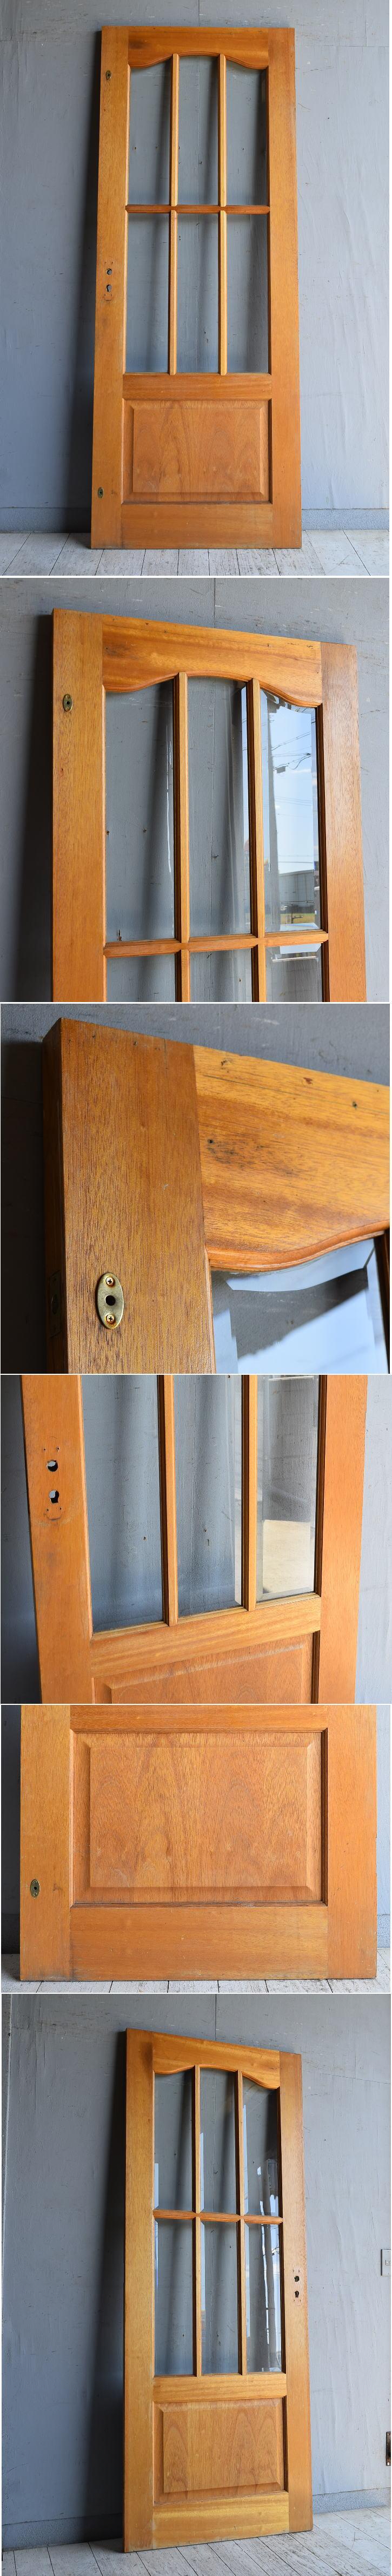 イギリス アンティーク ガラス入りドア 扉 建具 8798